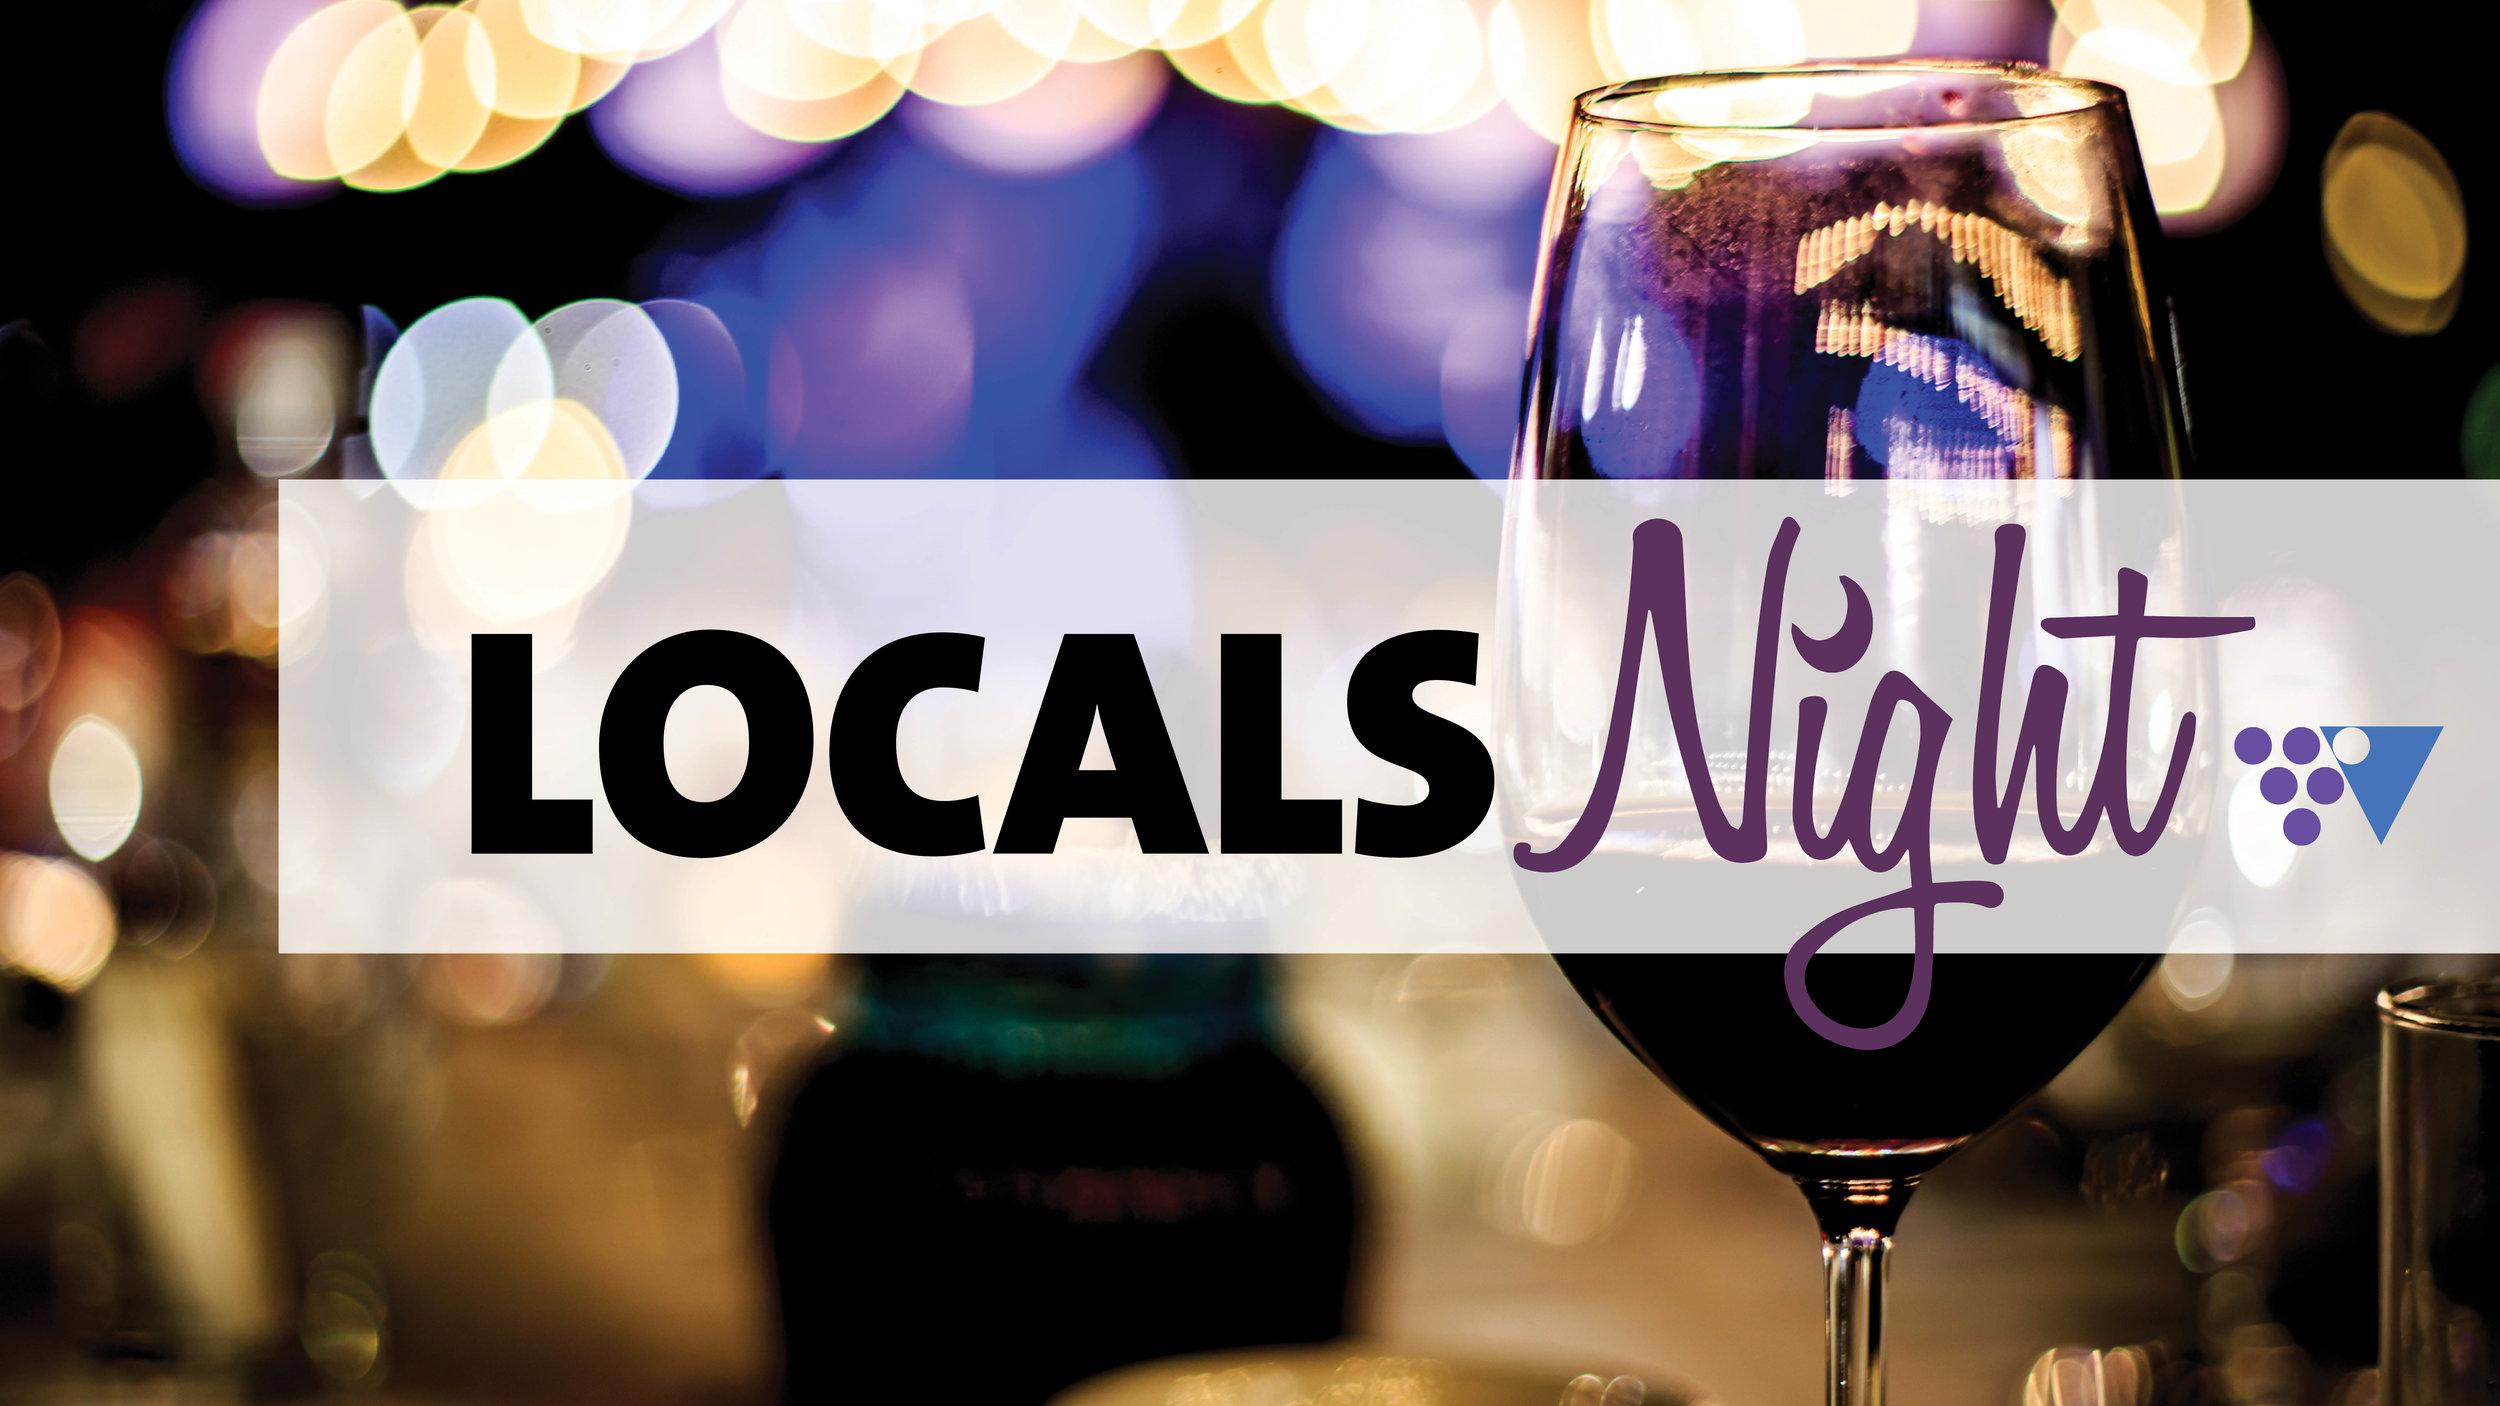 Locals night FB Cover.jpg